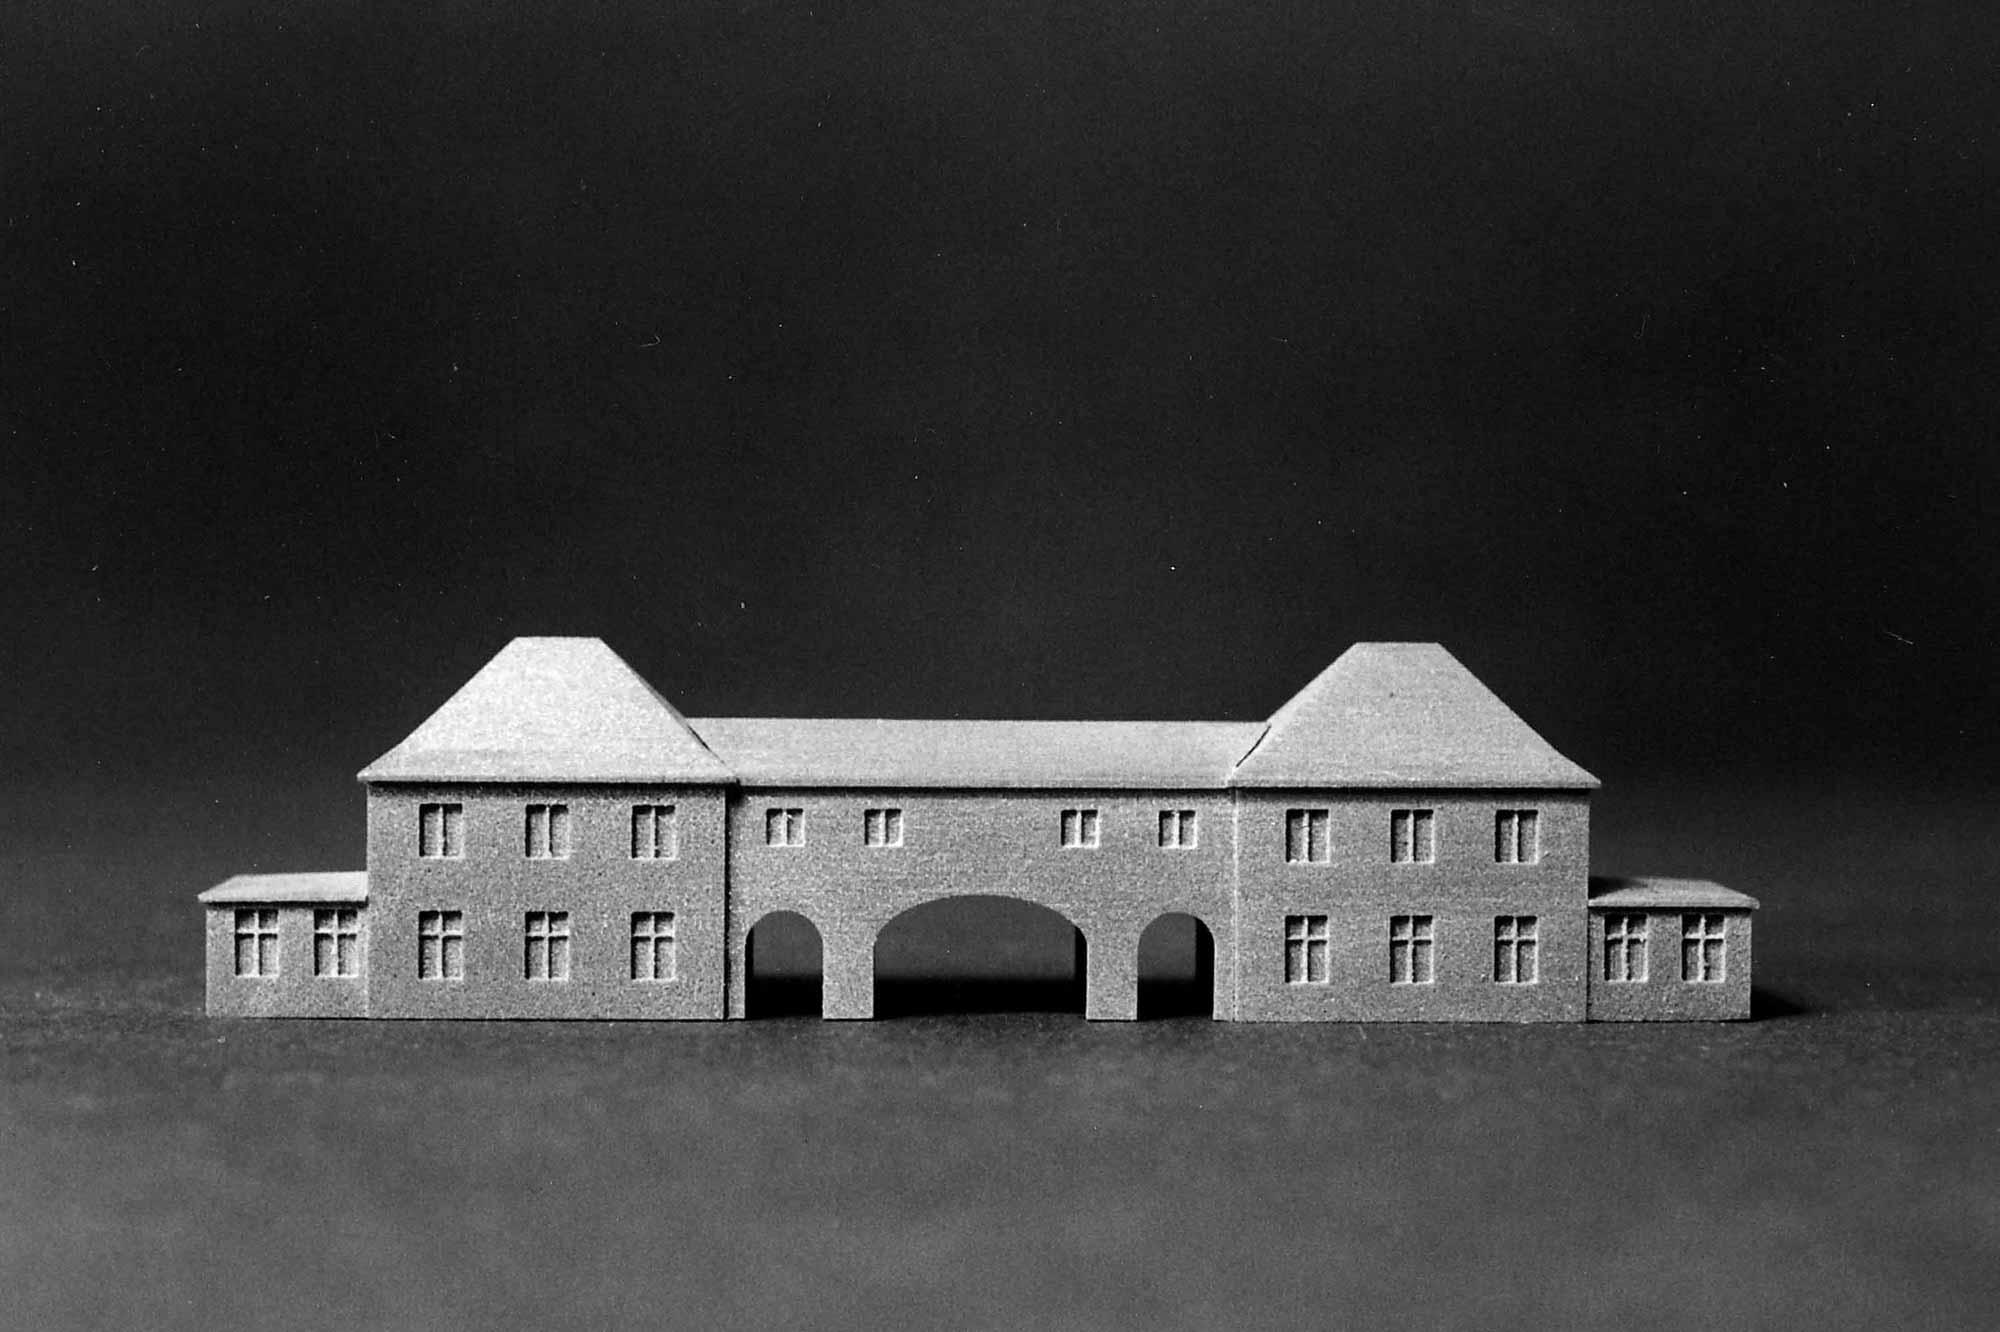 Verhör im Licht, Fotodokumentation Modell, SS-Hauptwache KZ Dachau